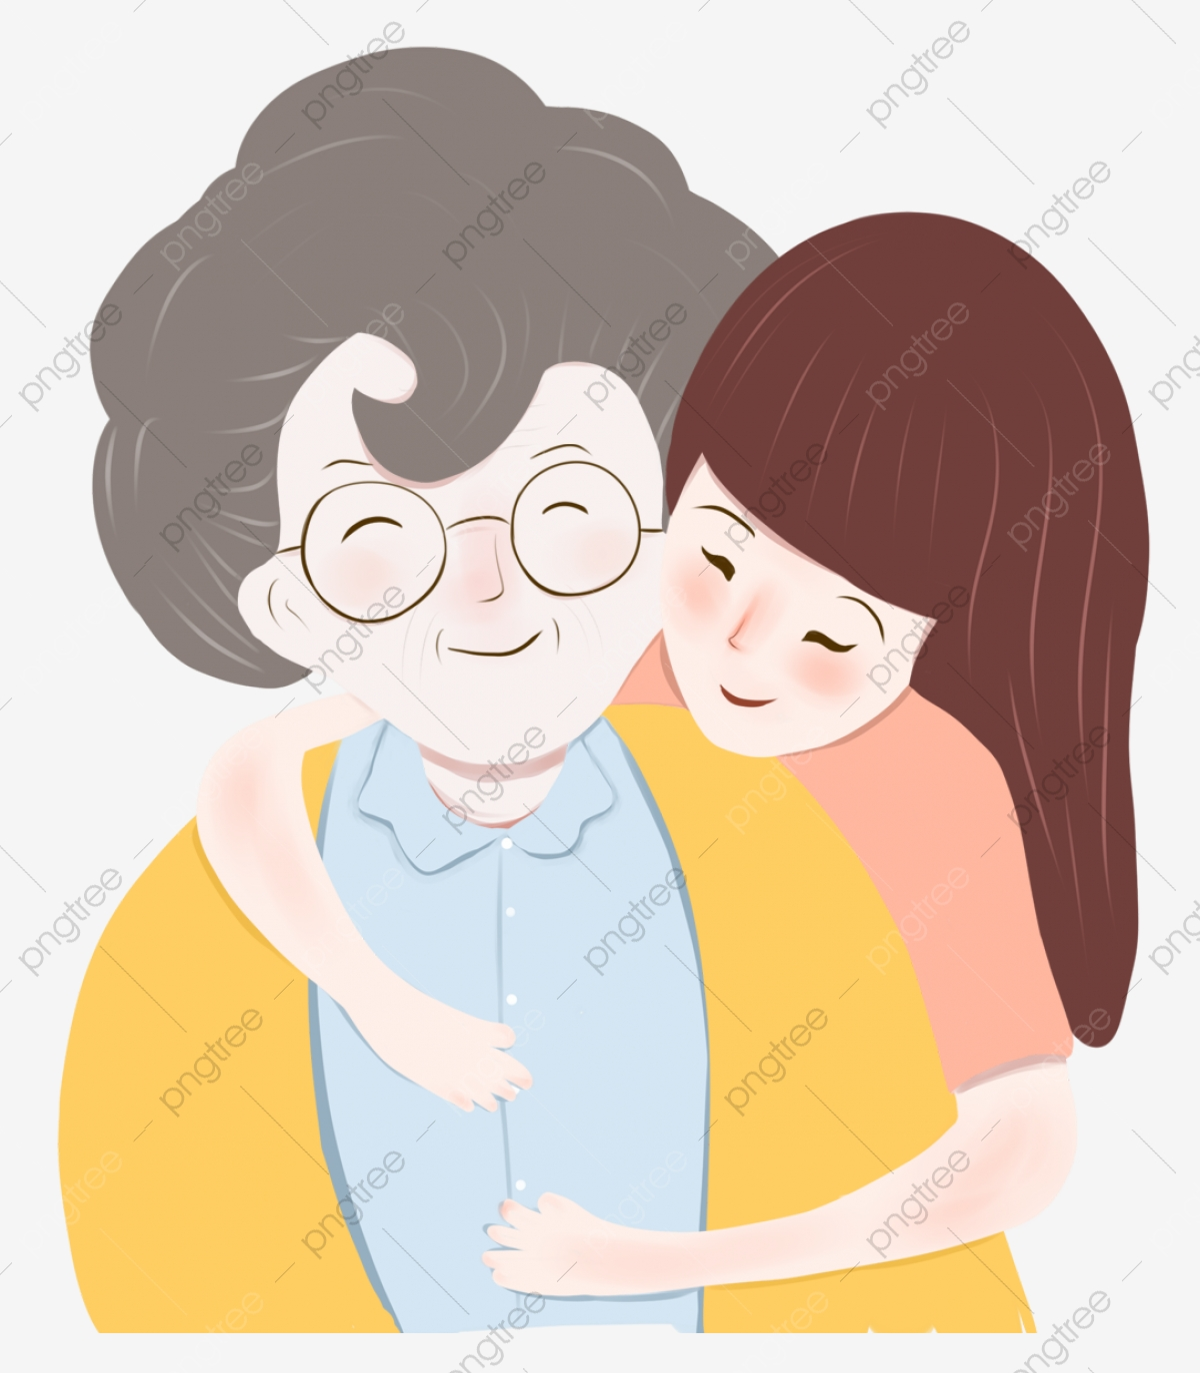 Gambar Ibu Anak Perempuan Gembira Pelukan Memeluk Ibu Ibu Png Dan Psd Untuk Muat Turun Percuma